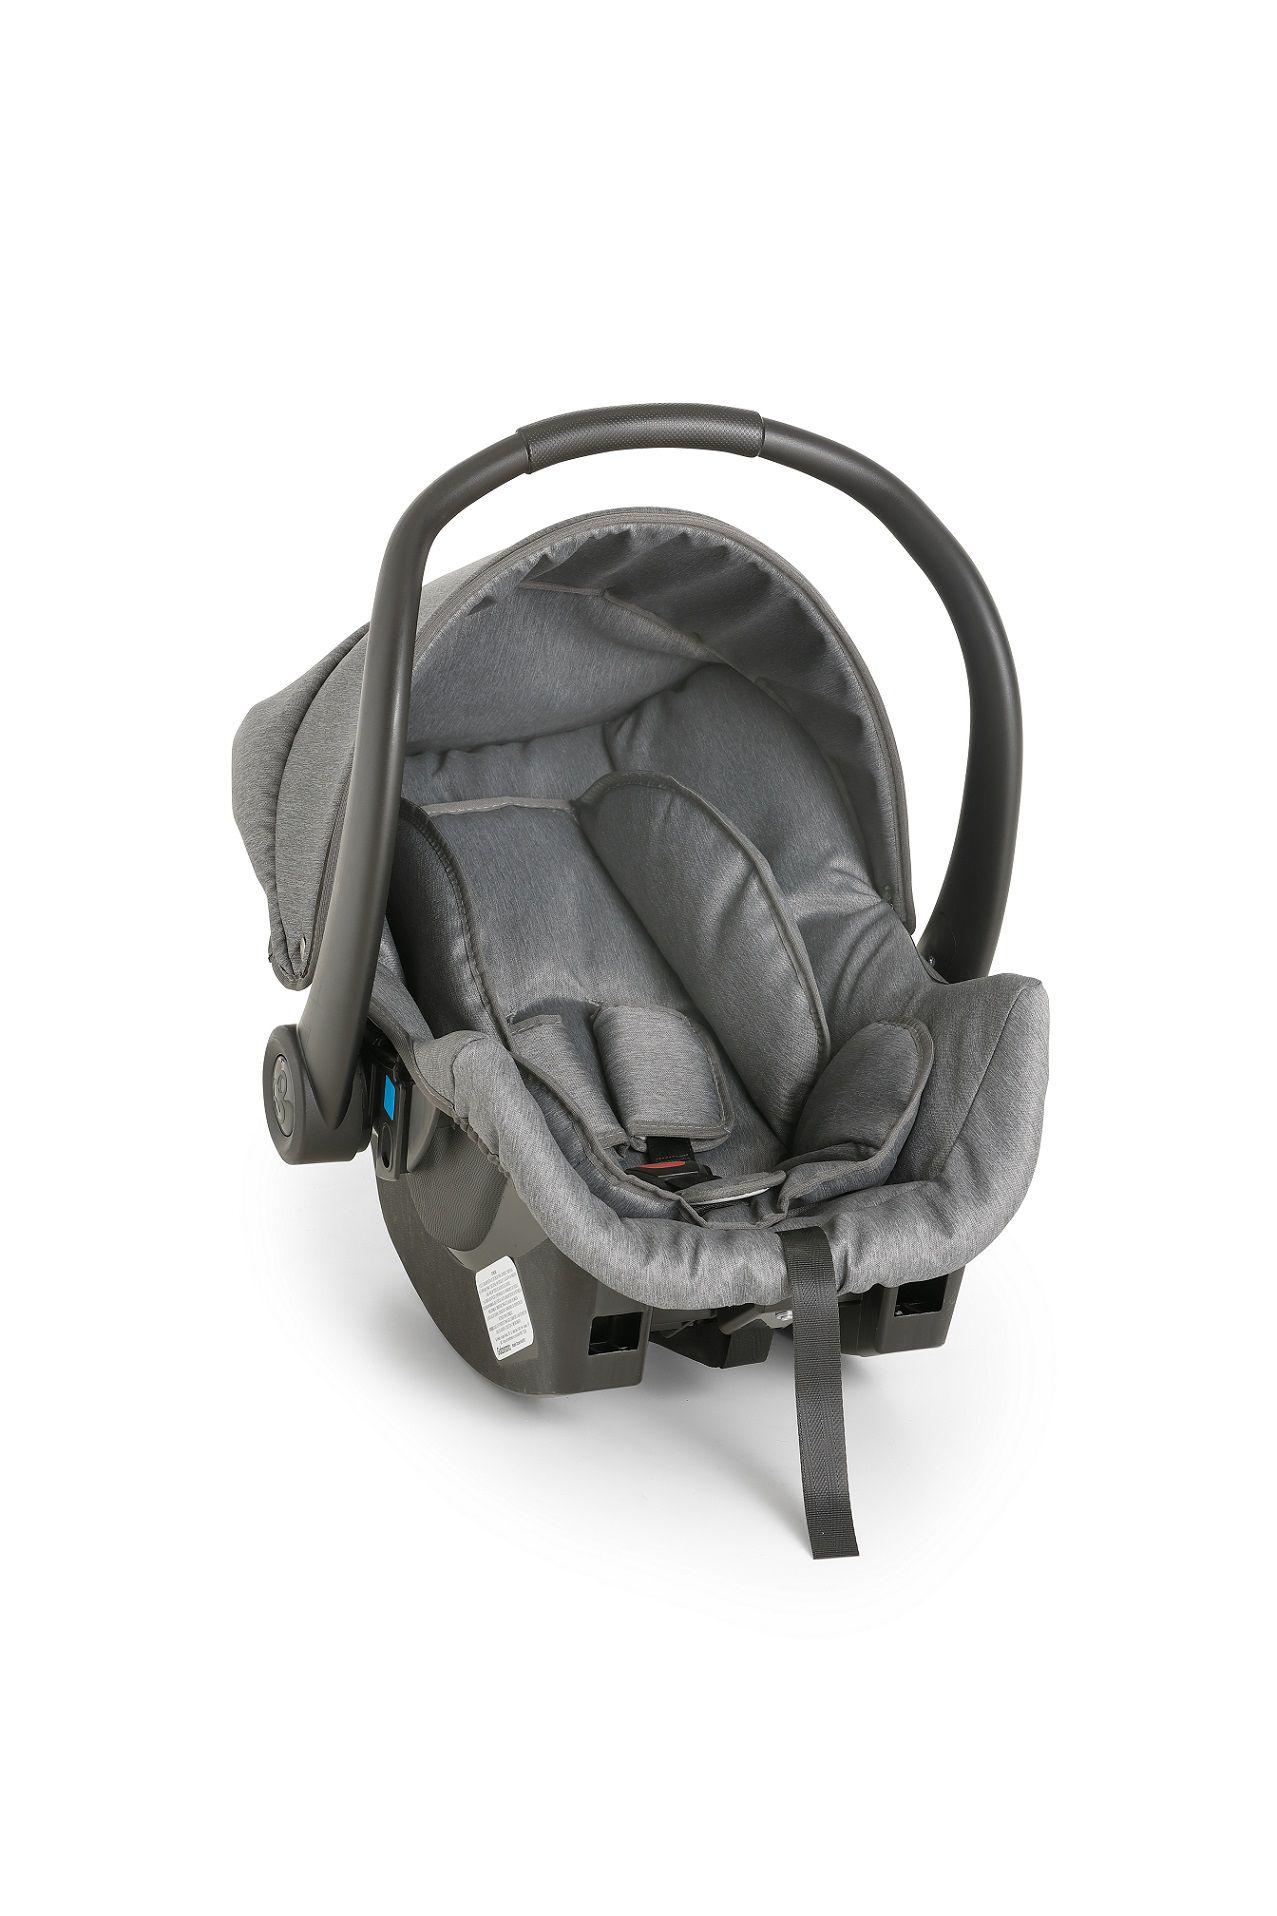 Carrinho De Bebê Travel System Galzerano Vulkan Multi Posições Cinza e Cobre + Bebê Conforto